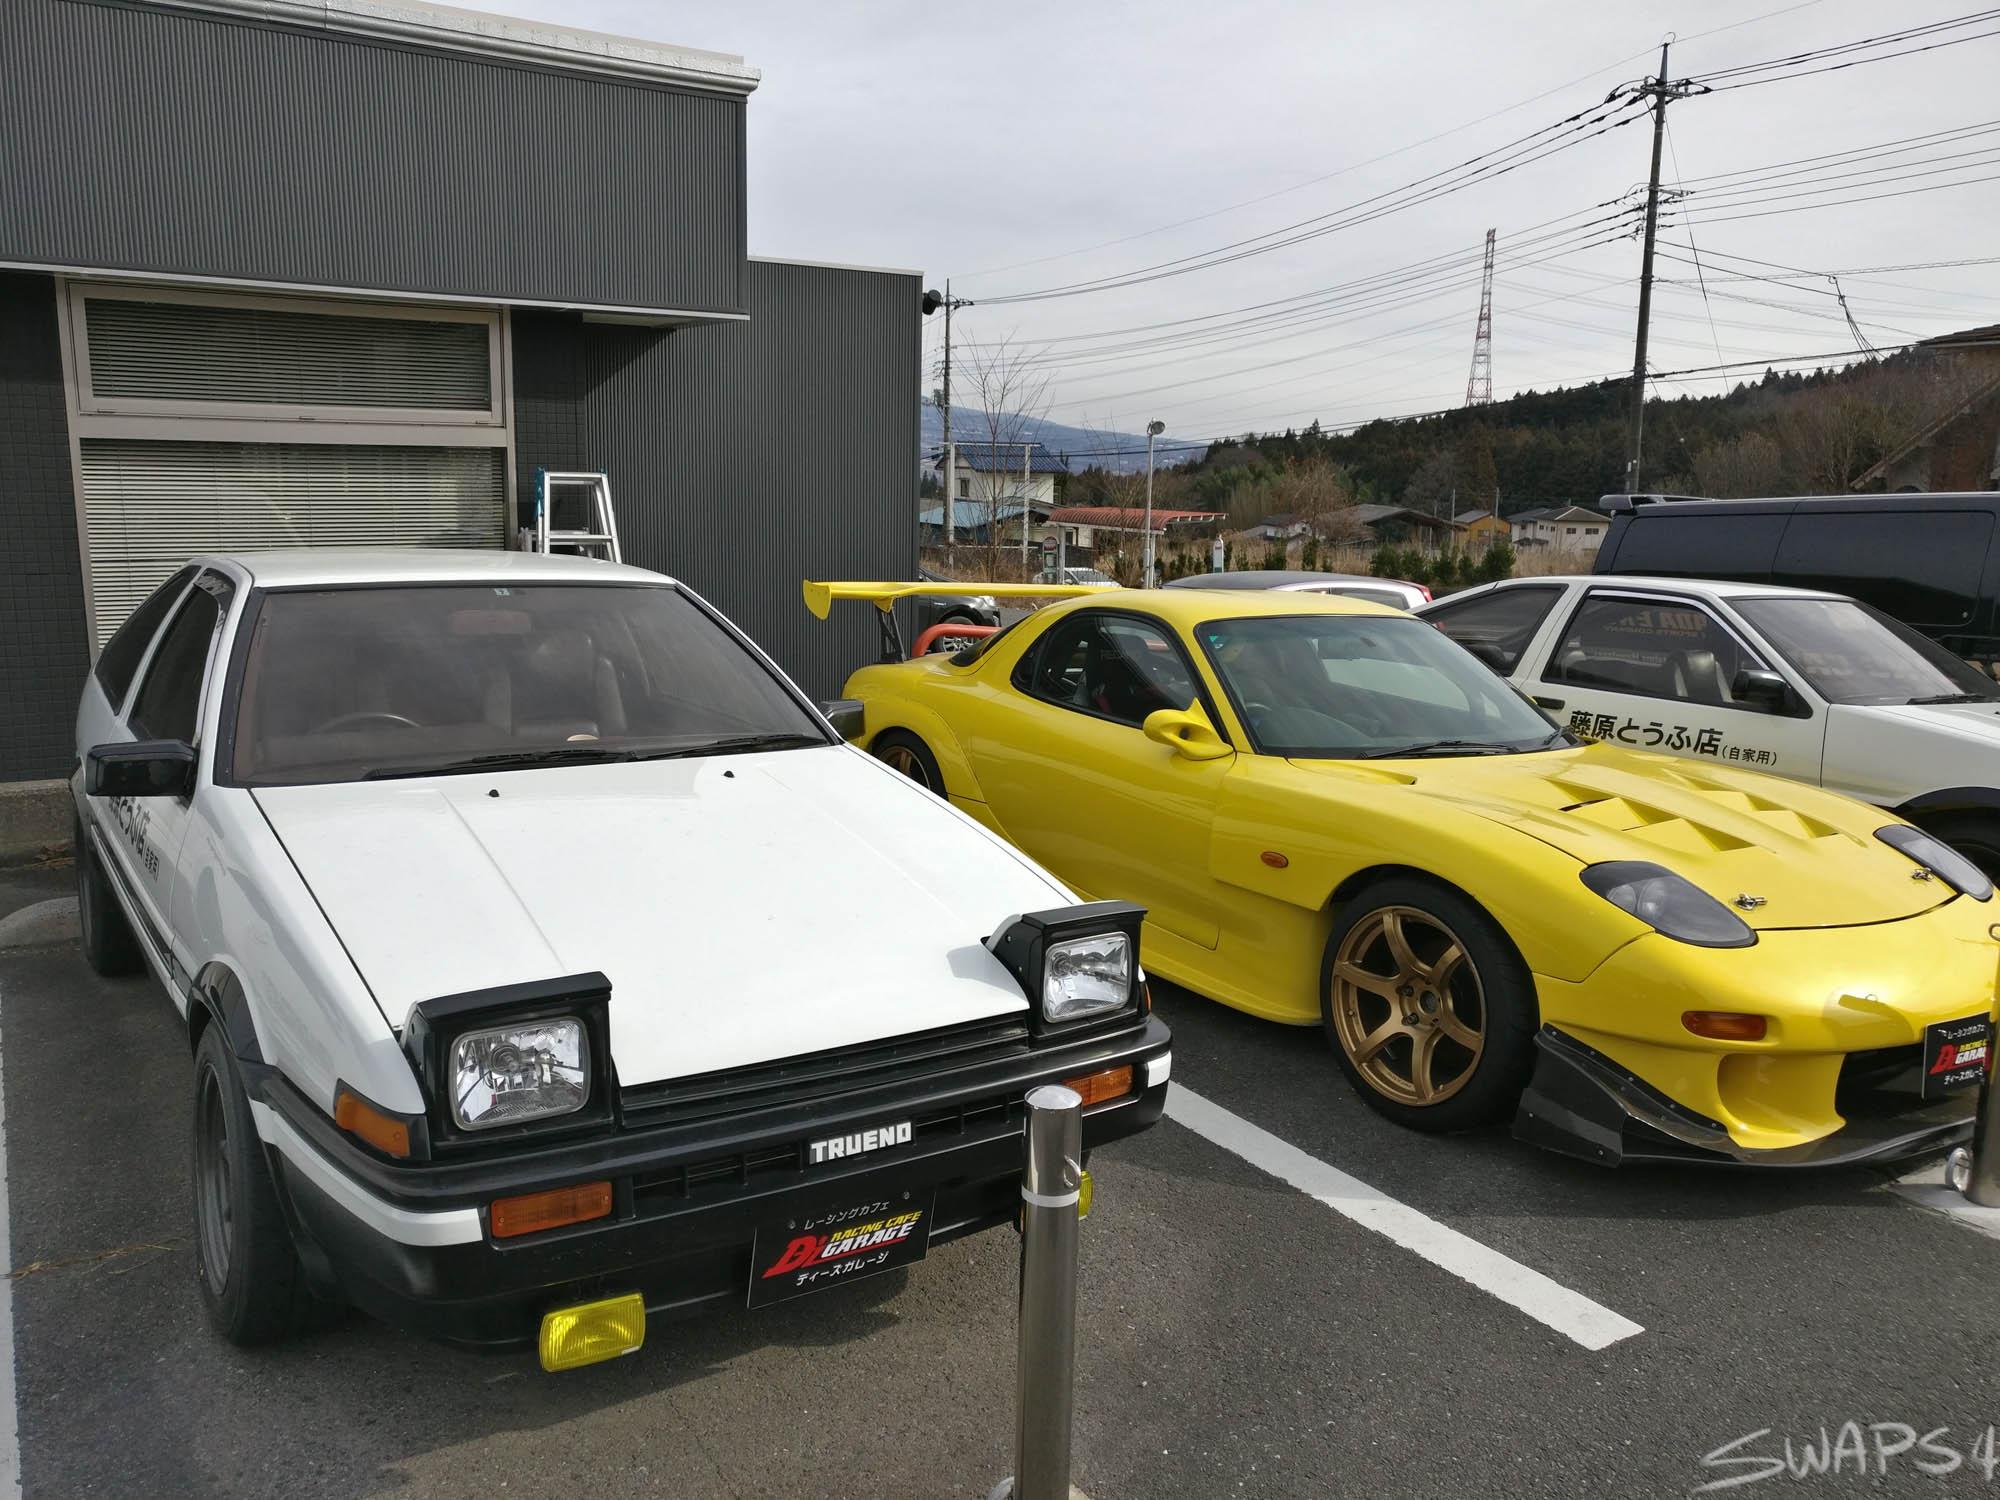 A Trip to D'Z Racing Cafe Garage and the Fujiwara Tofu Shop!